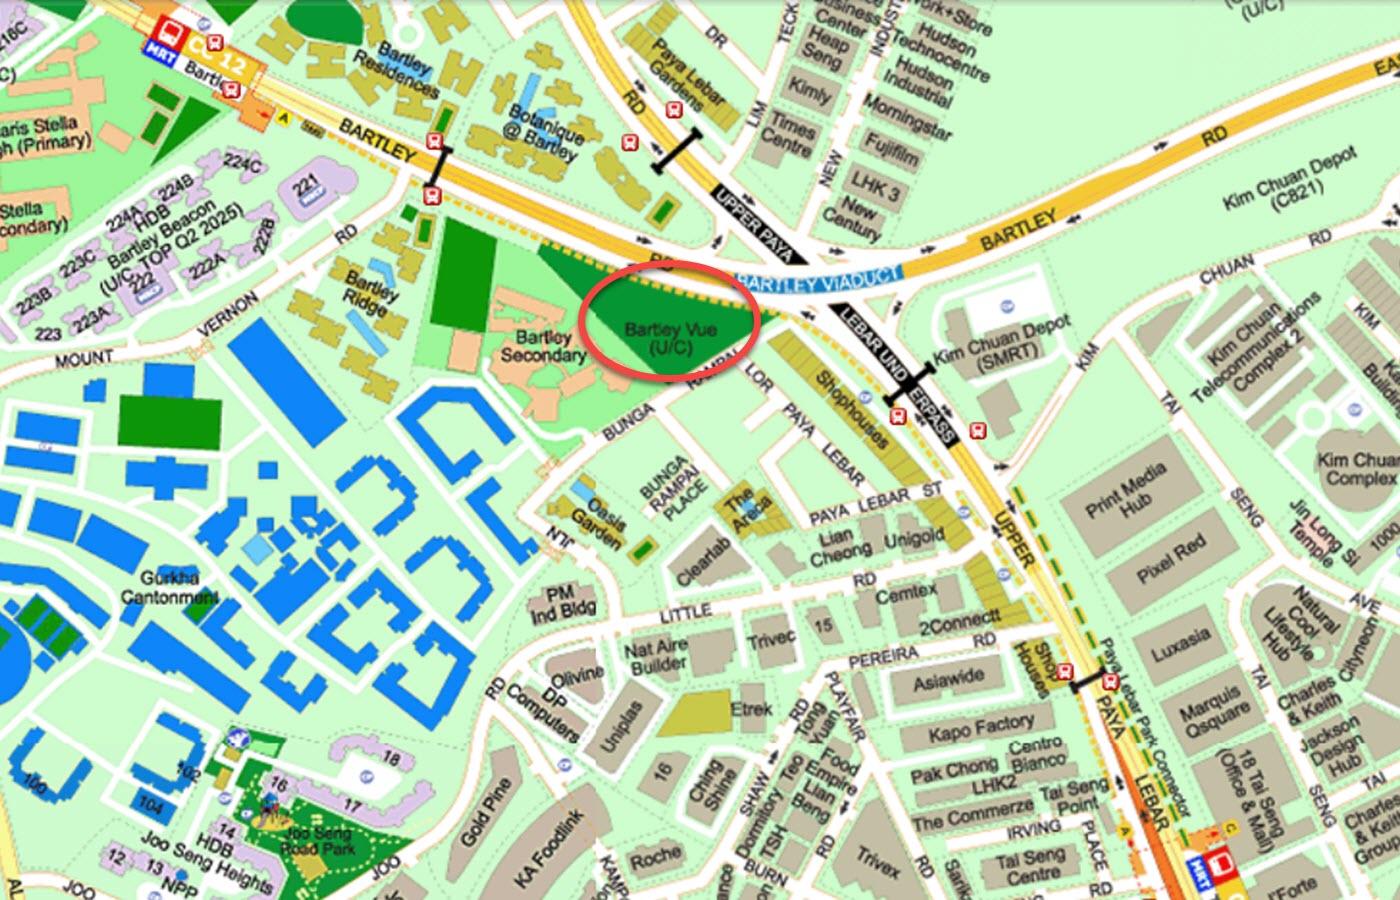 Bartley Vue Condo Location - Street Directory Map